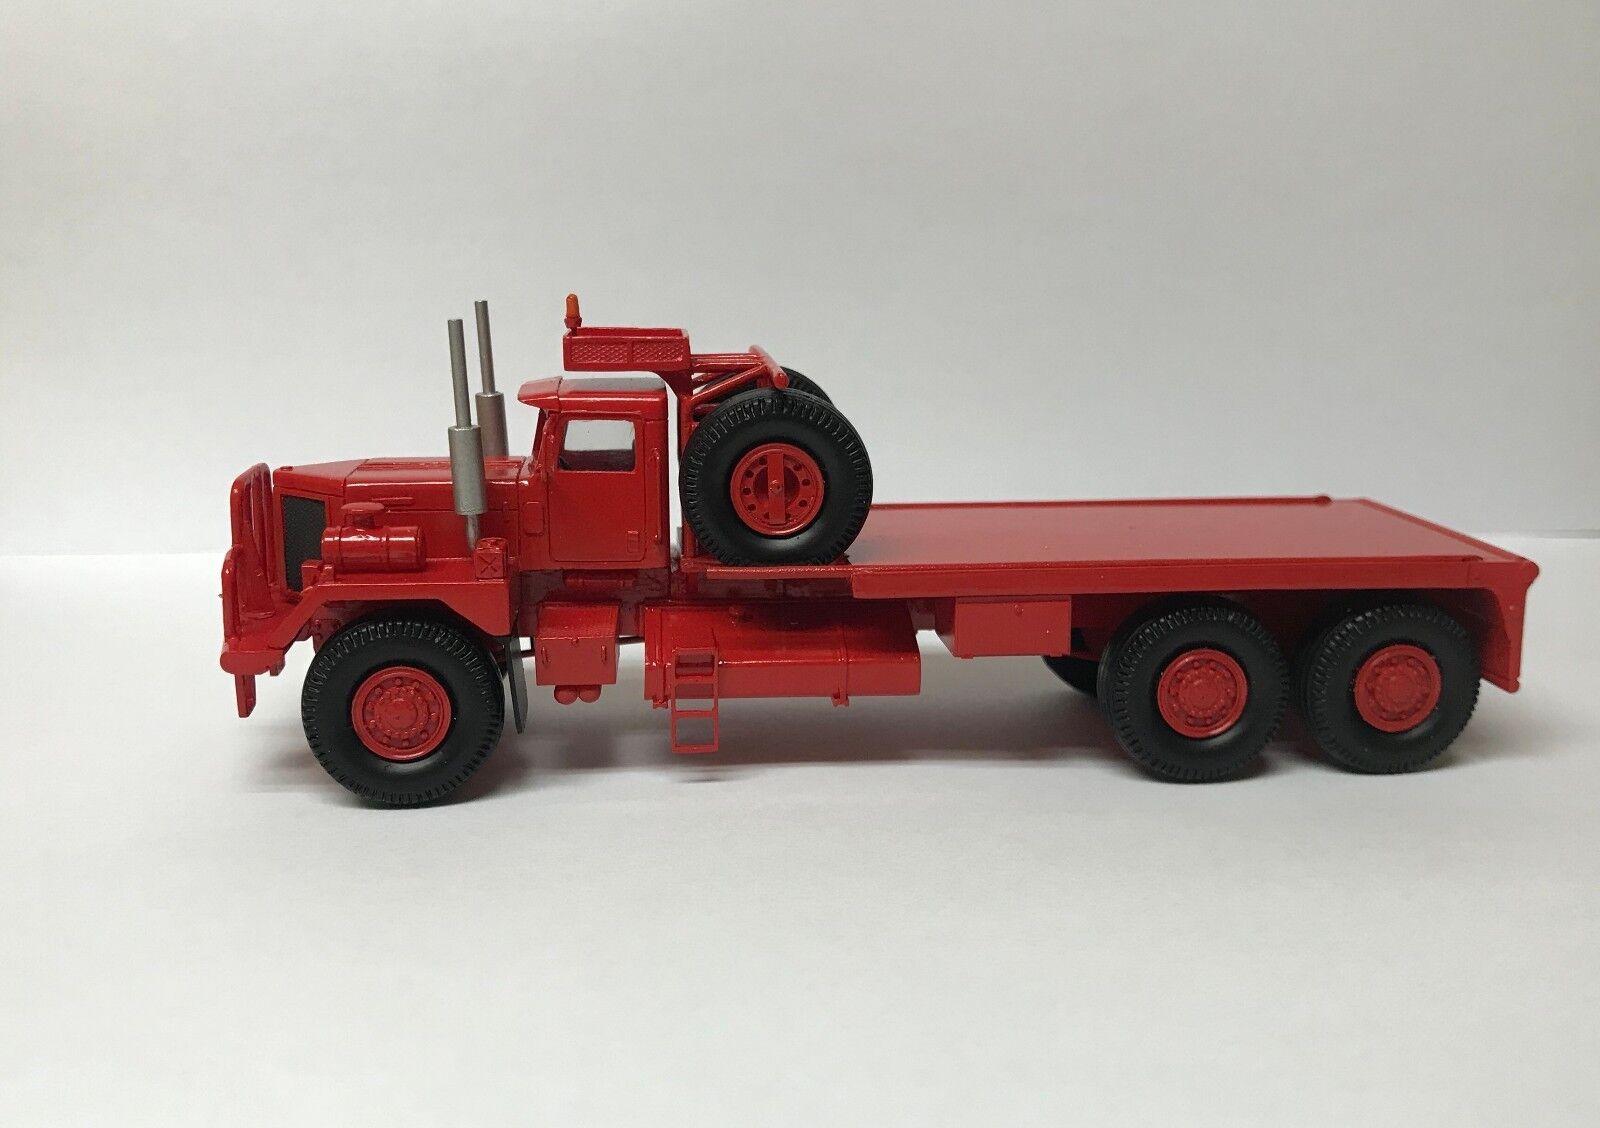 compra limitada 187 Kenworth Kenworth Kenworth 953 Modelo de Resina de yacimientos de petróleo-Hecho a Mano  Felices compras